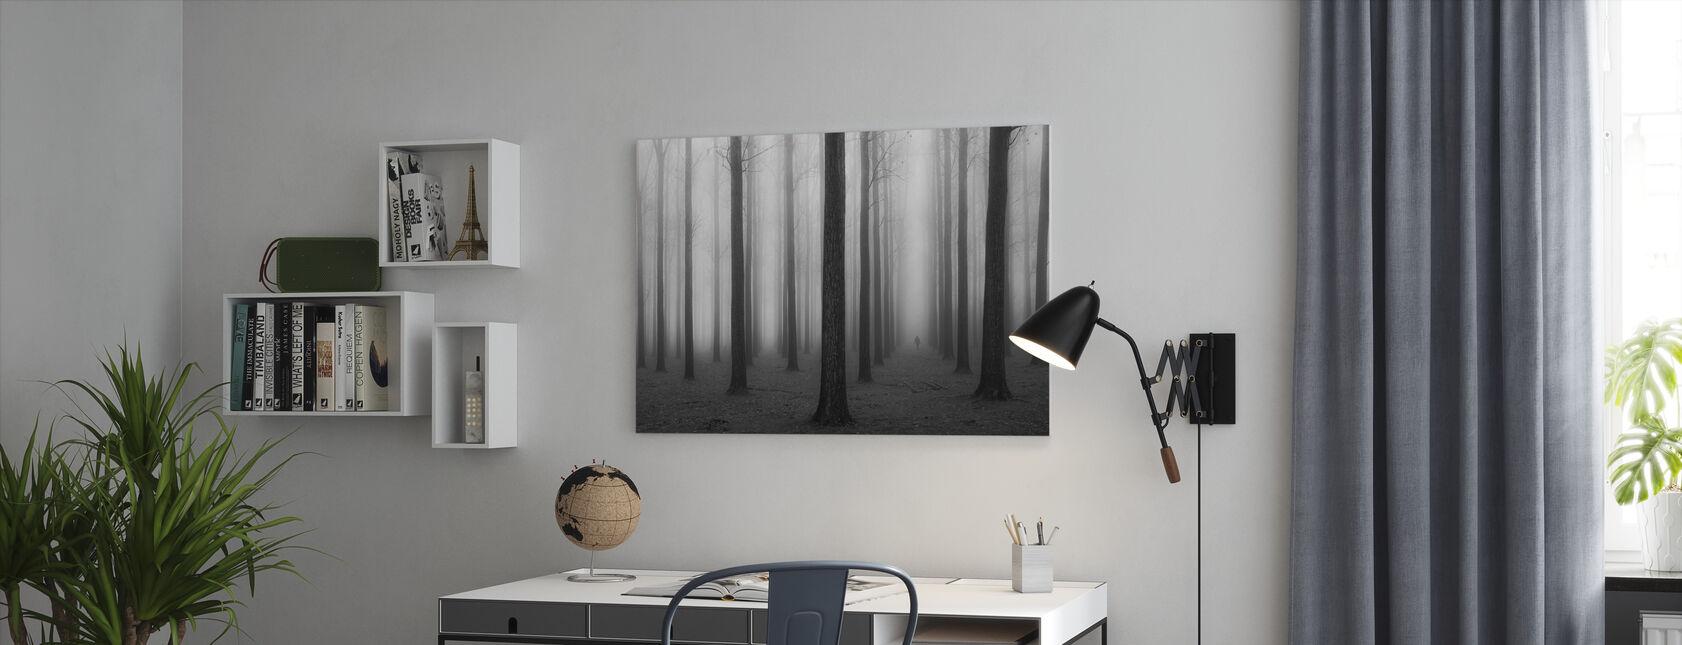 Sumu ja puut - Canvastaulu - Toimisto